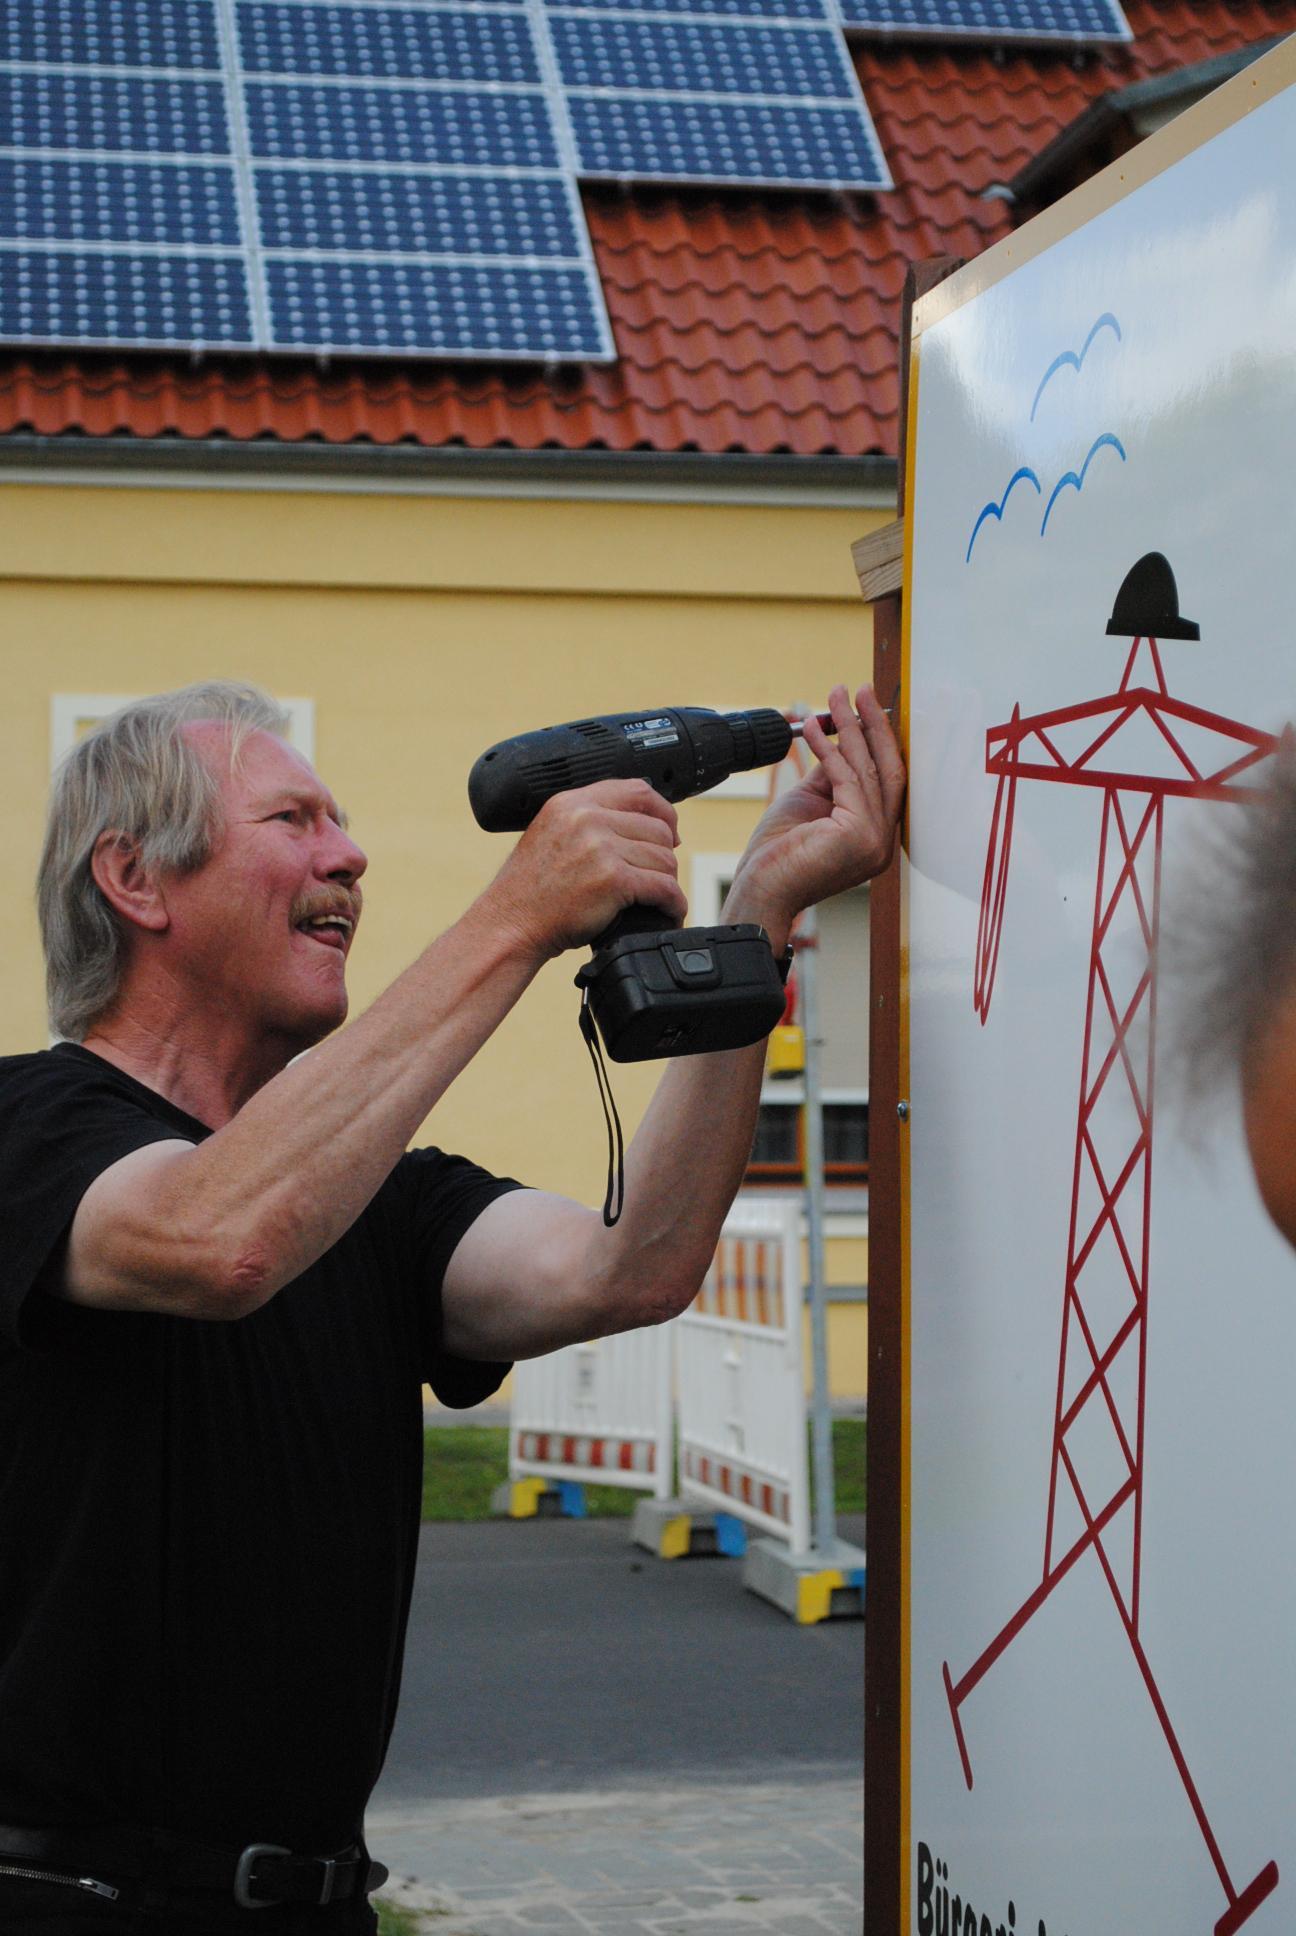 Josef gr tter ingenieur und k nstler einfach raus for Ingenieur kraftwerkstechnik